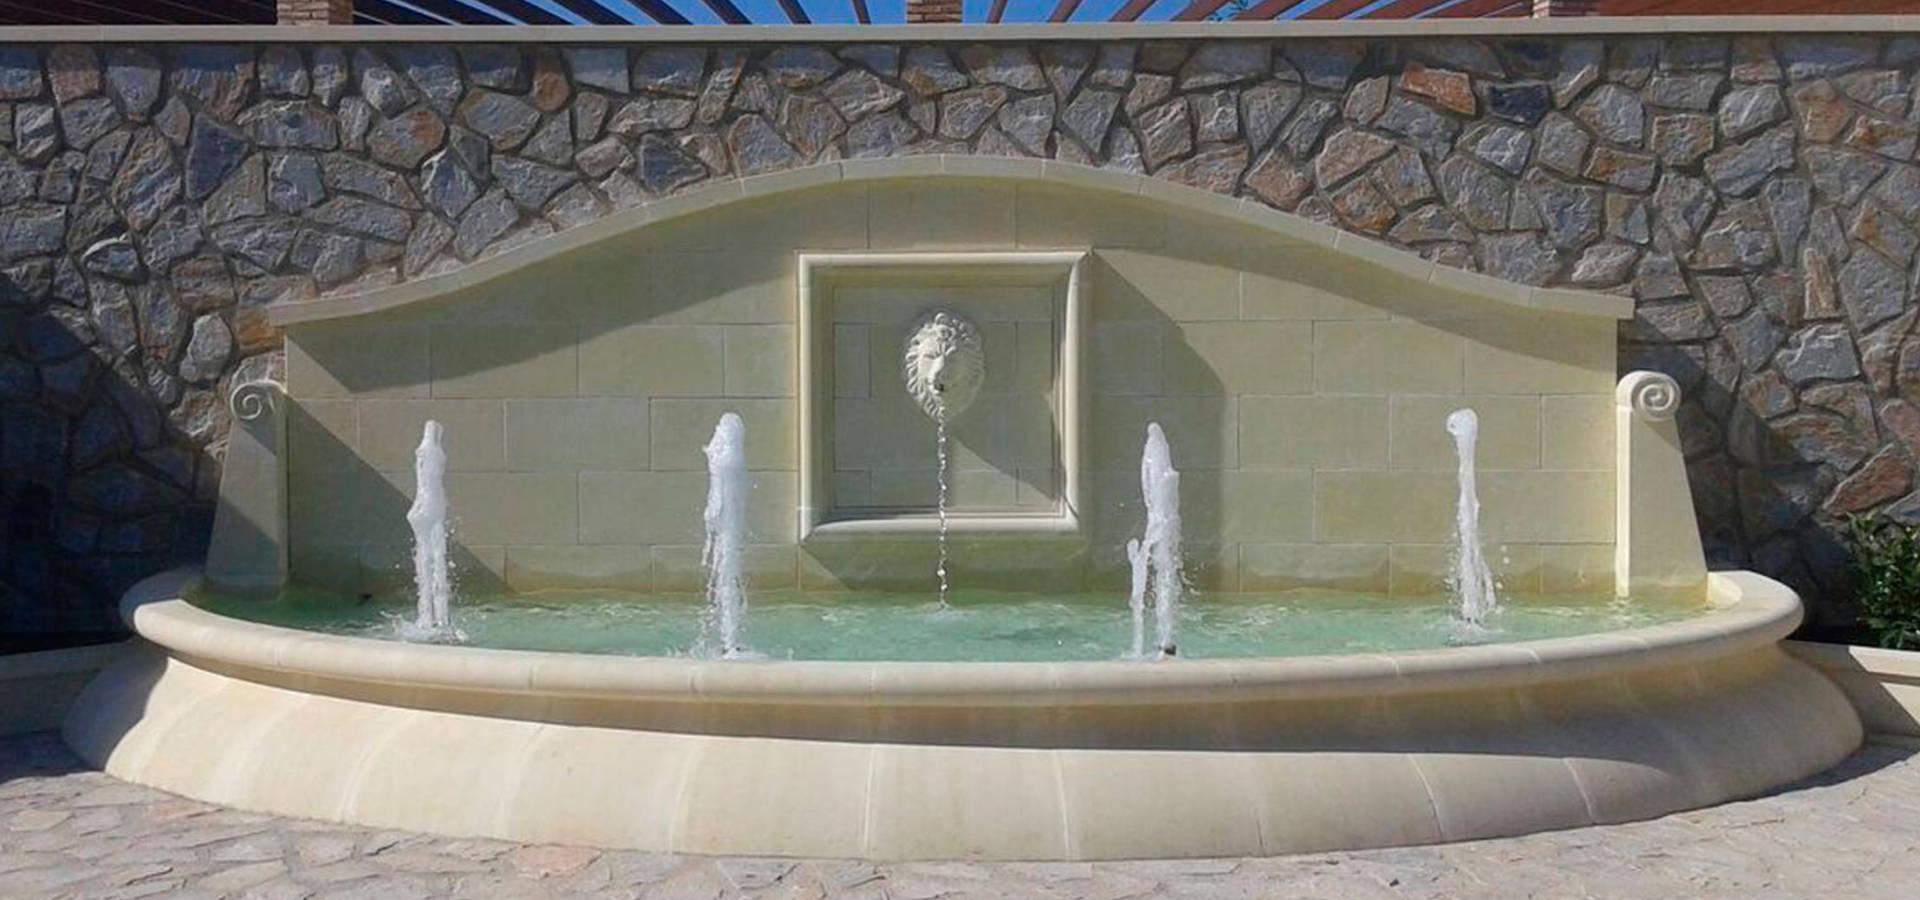 Fuentes ornamentales de piedra artistica artificial s l - Fuentes de piedra artificial ...